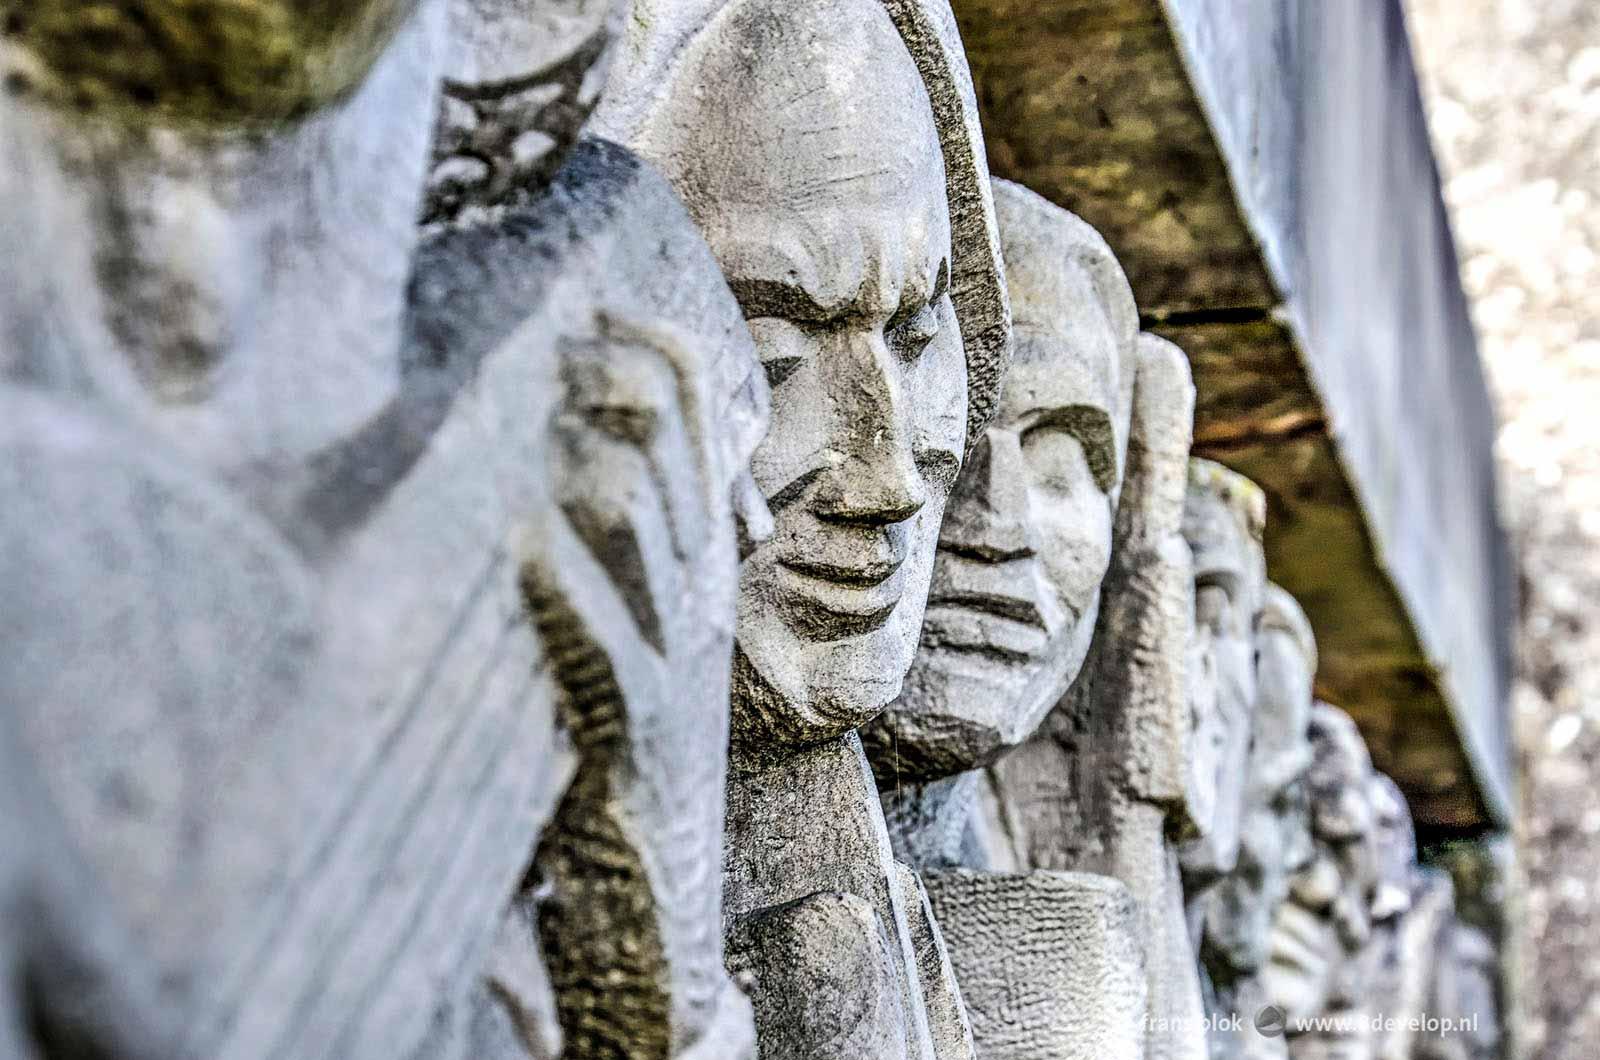 Detail van de gevelsteen van de oude Bijenkorf van Rotterdam, gemaakt door beeldhouwer Hendrik van den Eijnde: een opvallende gelijkenis met Mount Rushmore